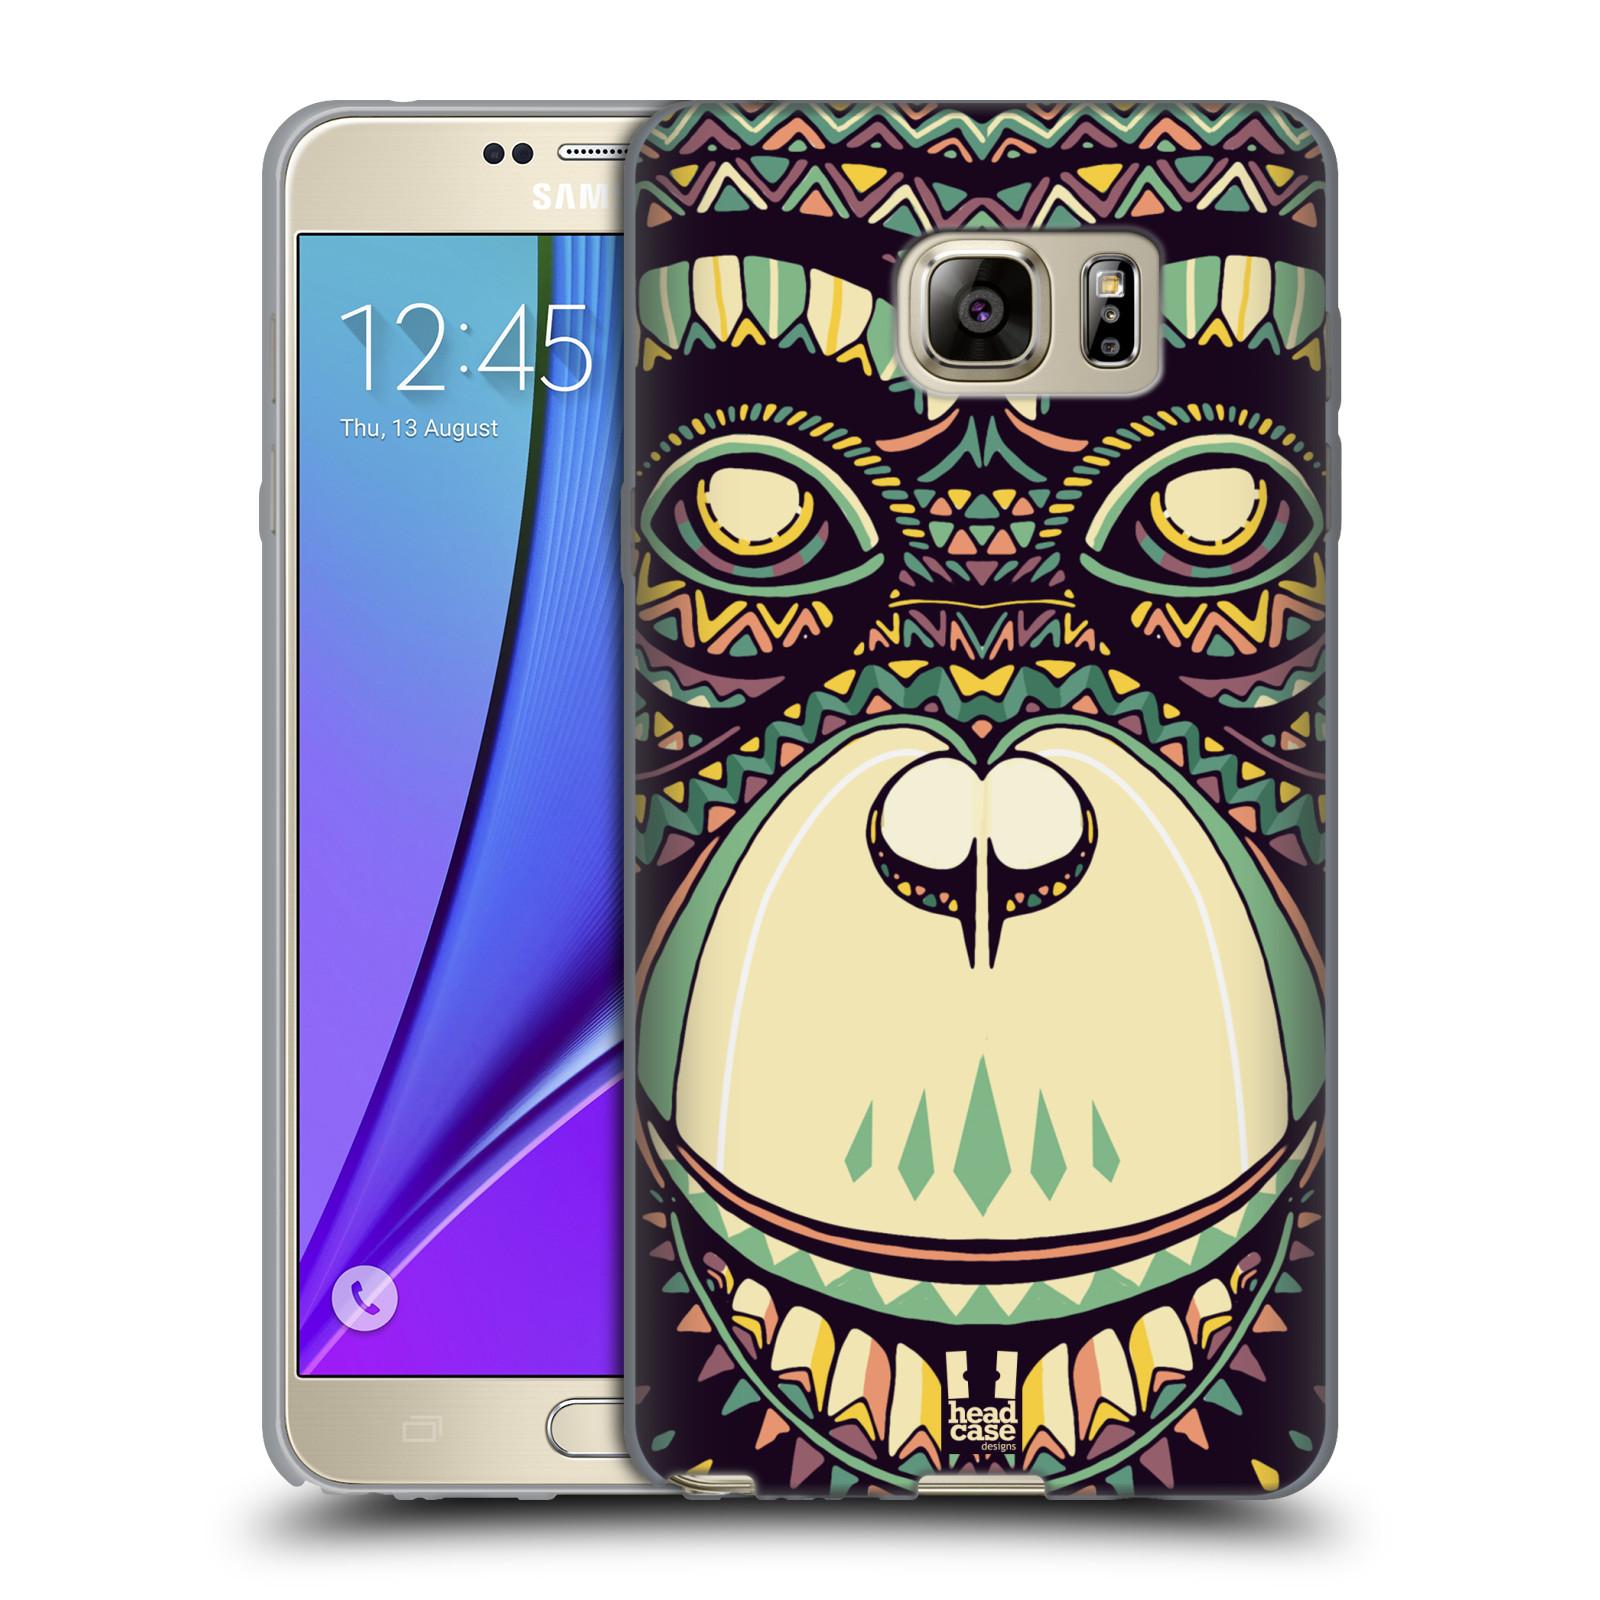 HEAD CASE silikonový obal na mobil Samsung Galaxy Note 5 (N920) vzor Aztécký motiv zvíře 3 šimpanz